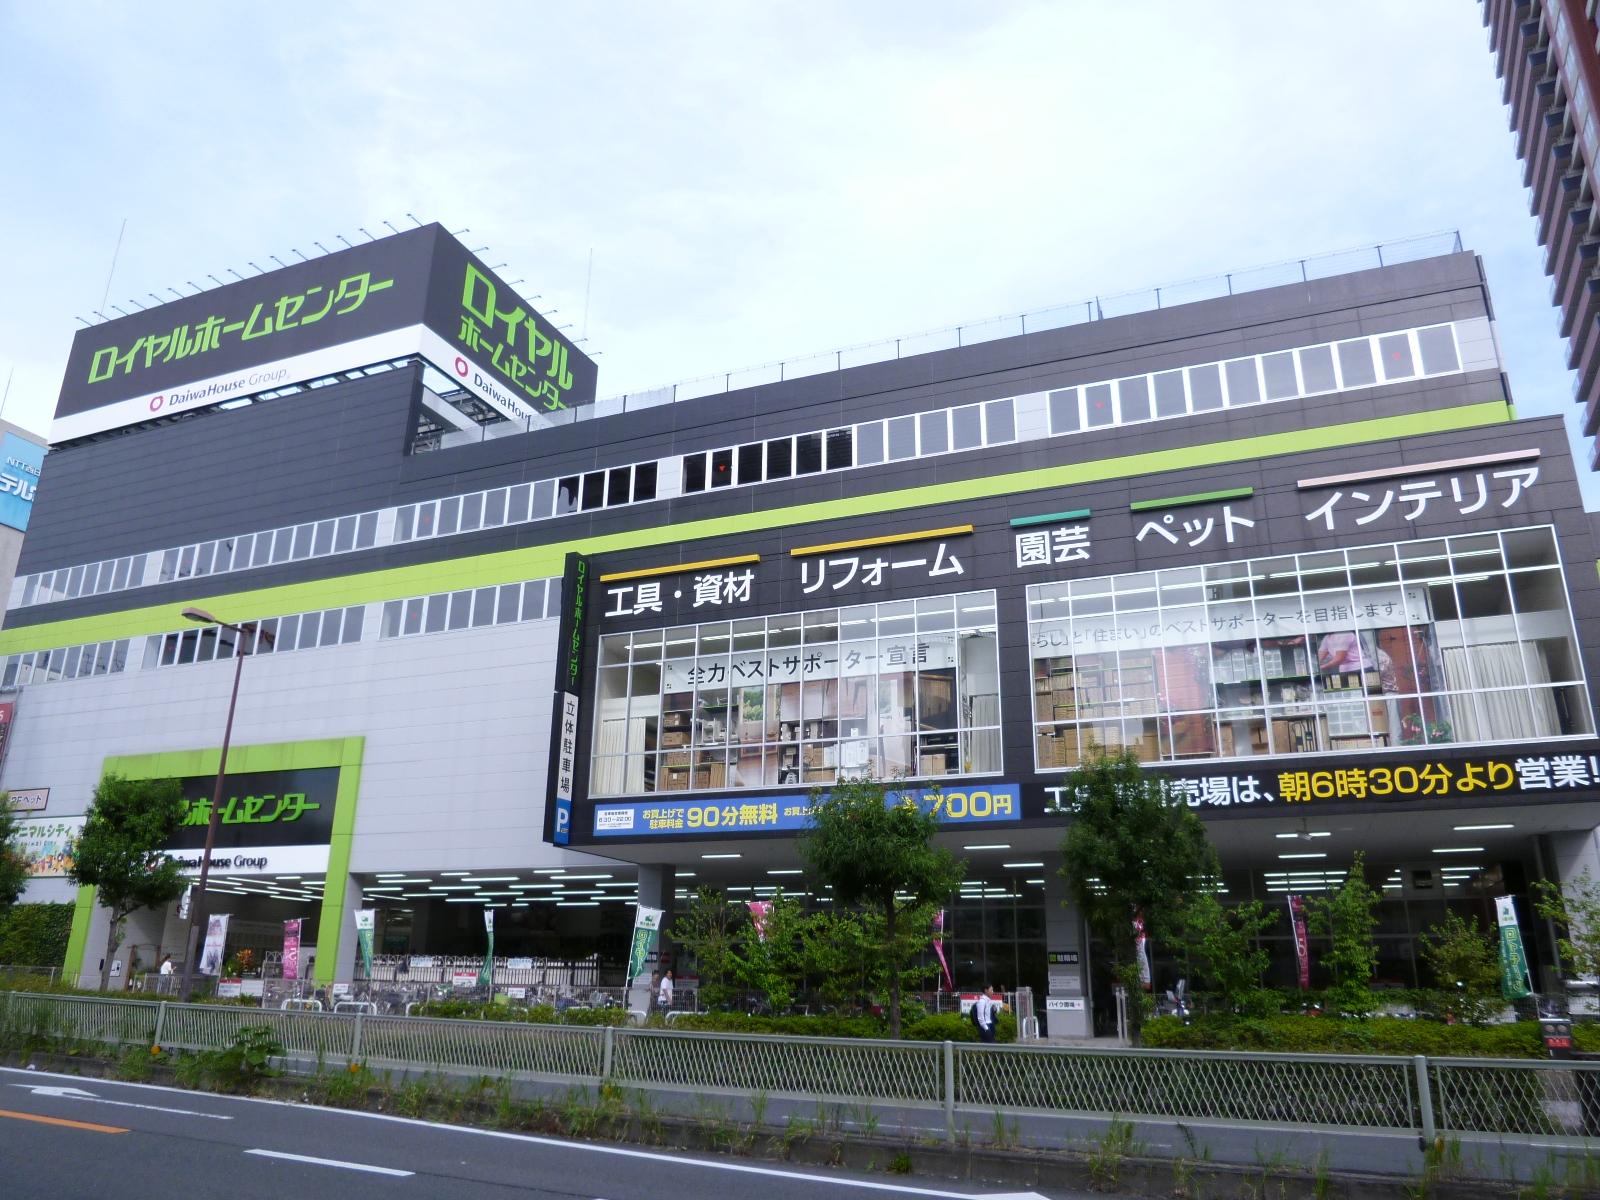 ホームセンター:ロイヤルホームセンター森ノ宮店 718m